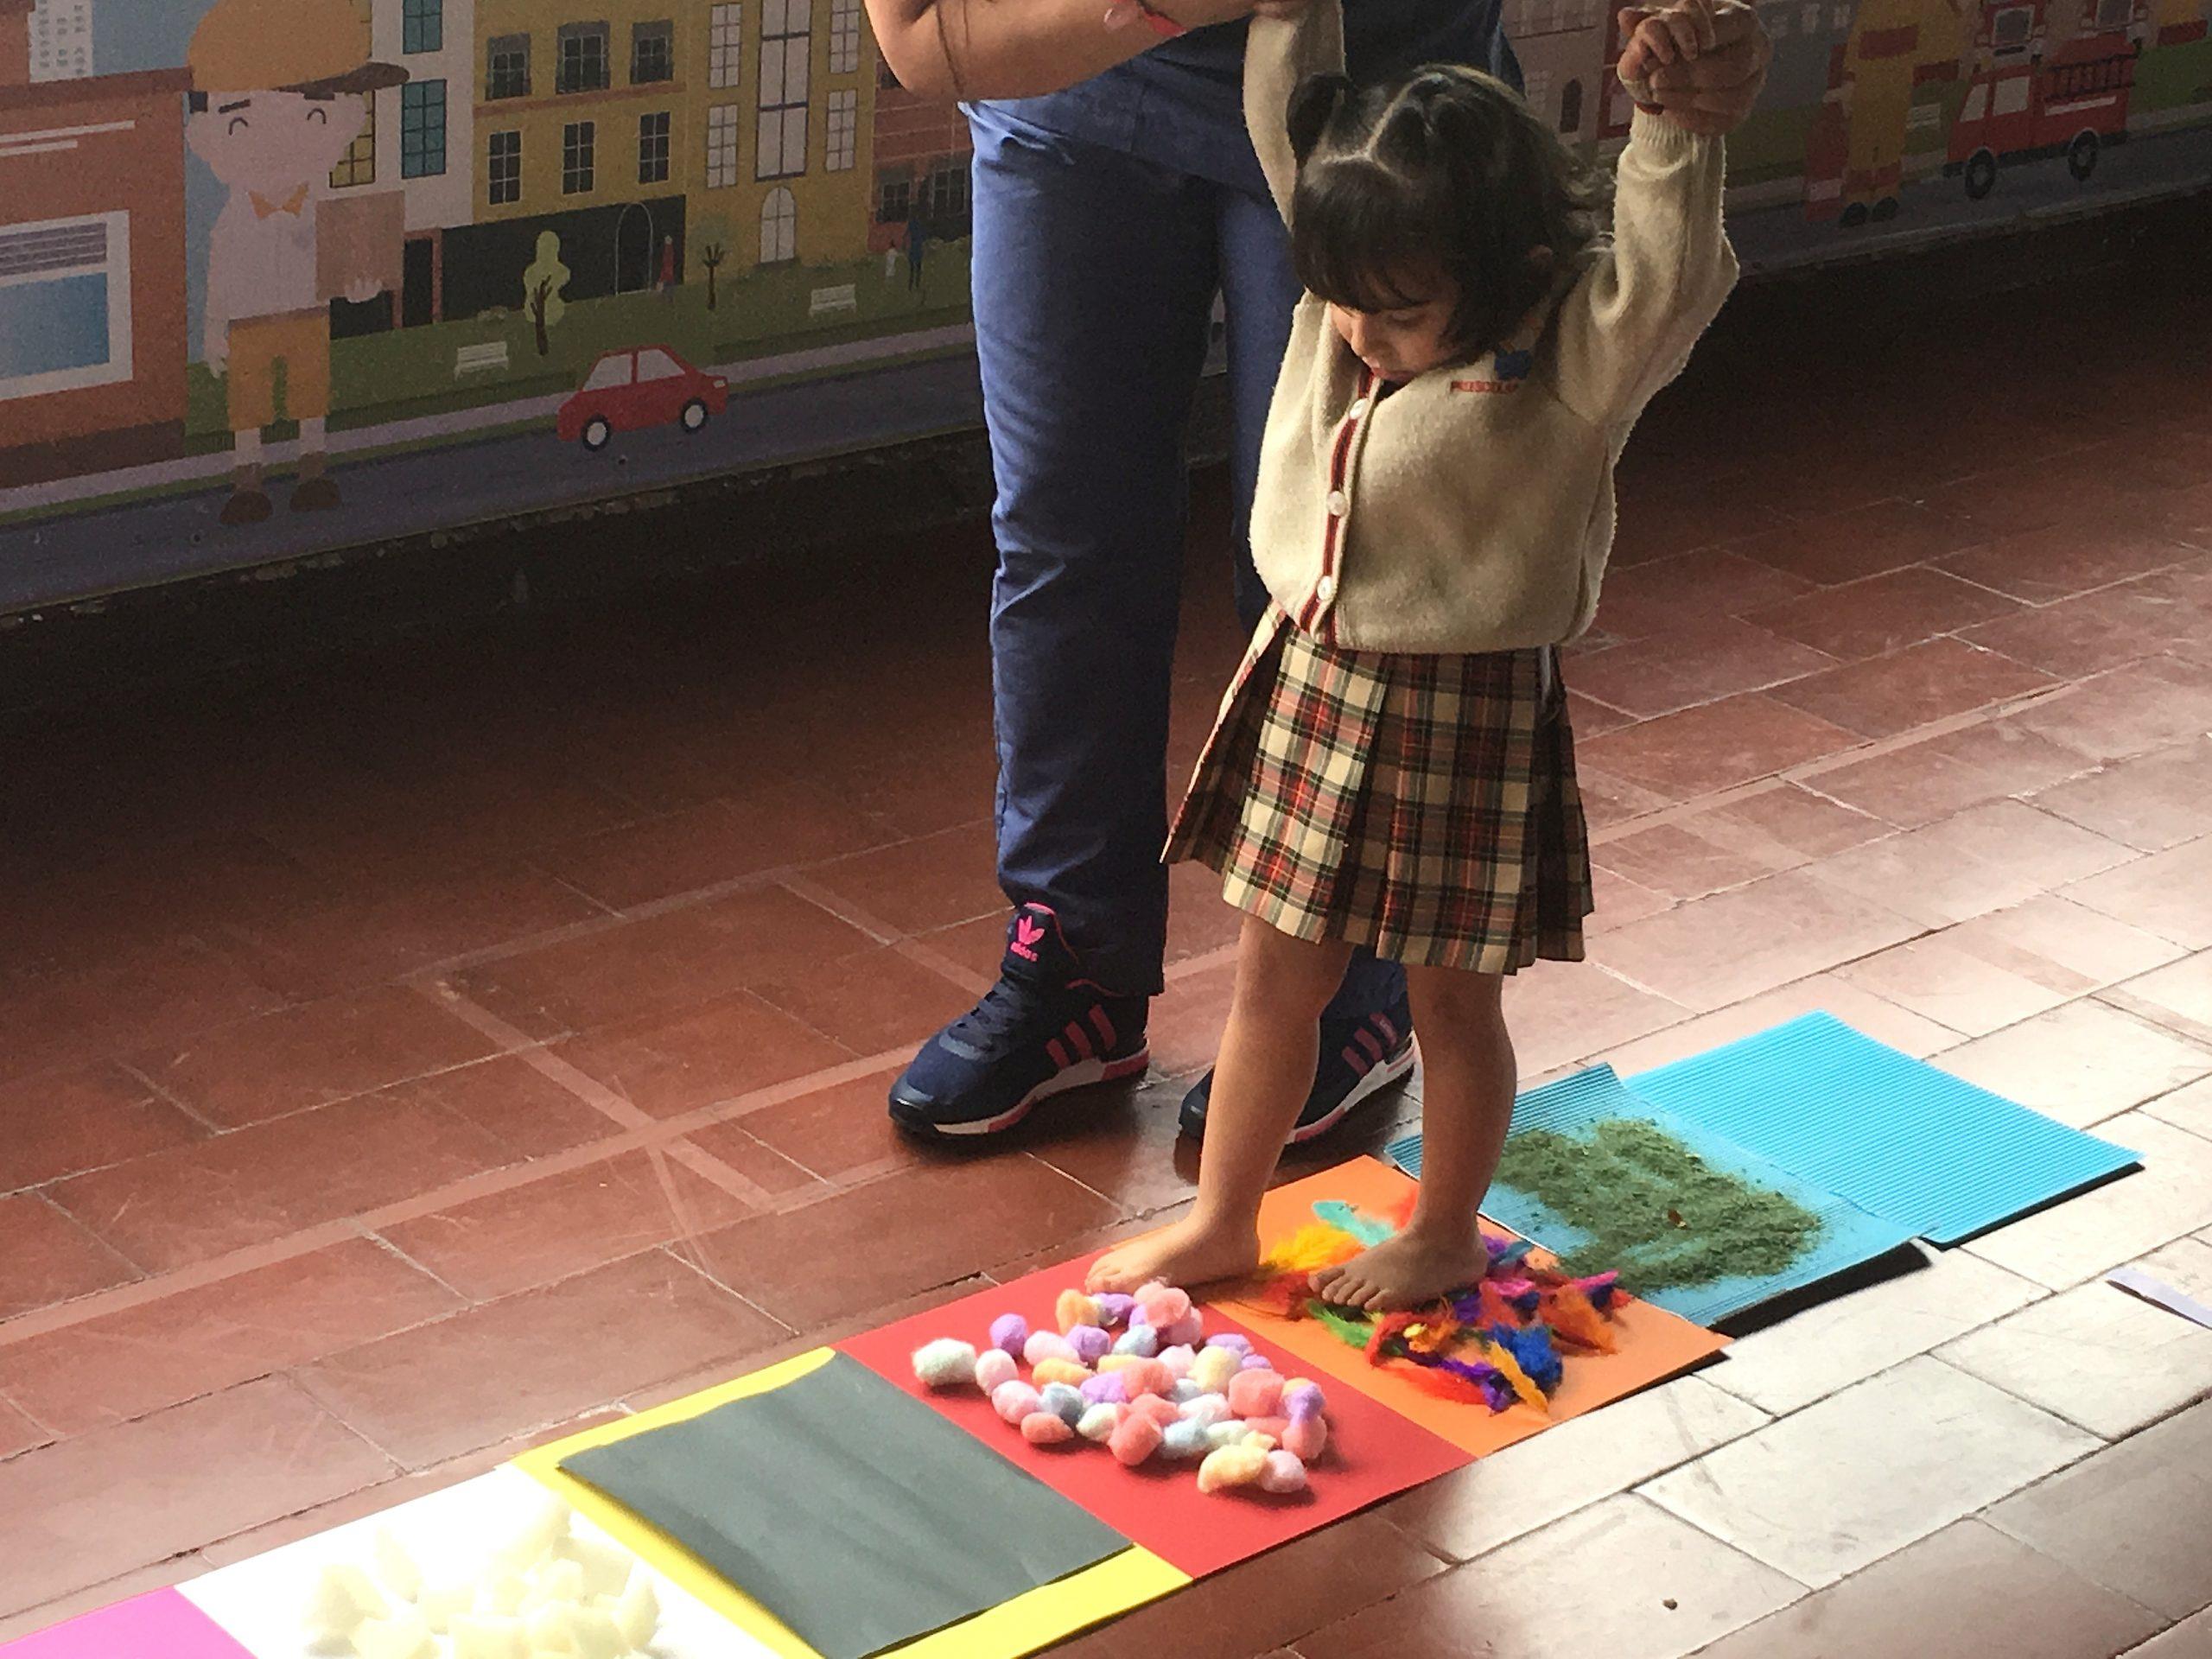 pedagogia-nuestro-enfoque-desarrollo-destrezas-motoras